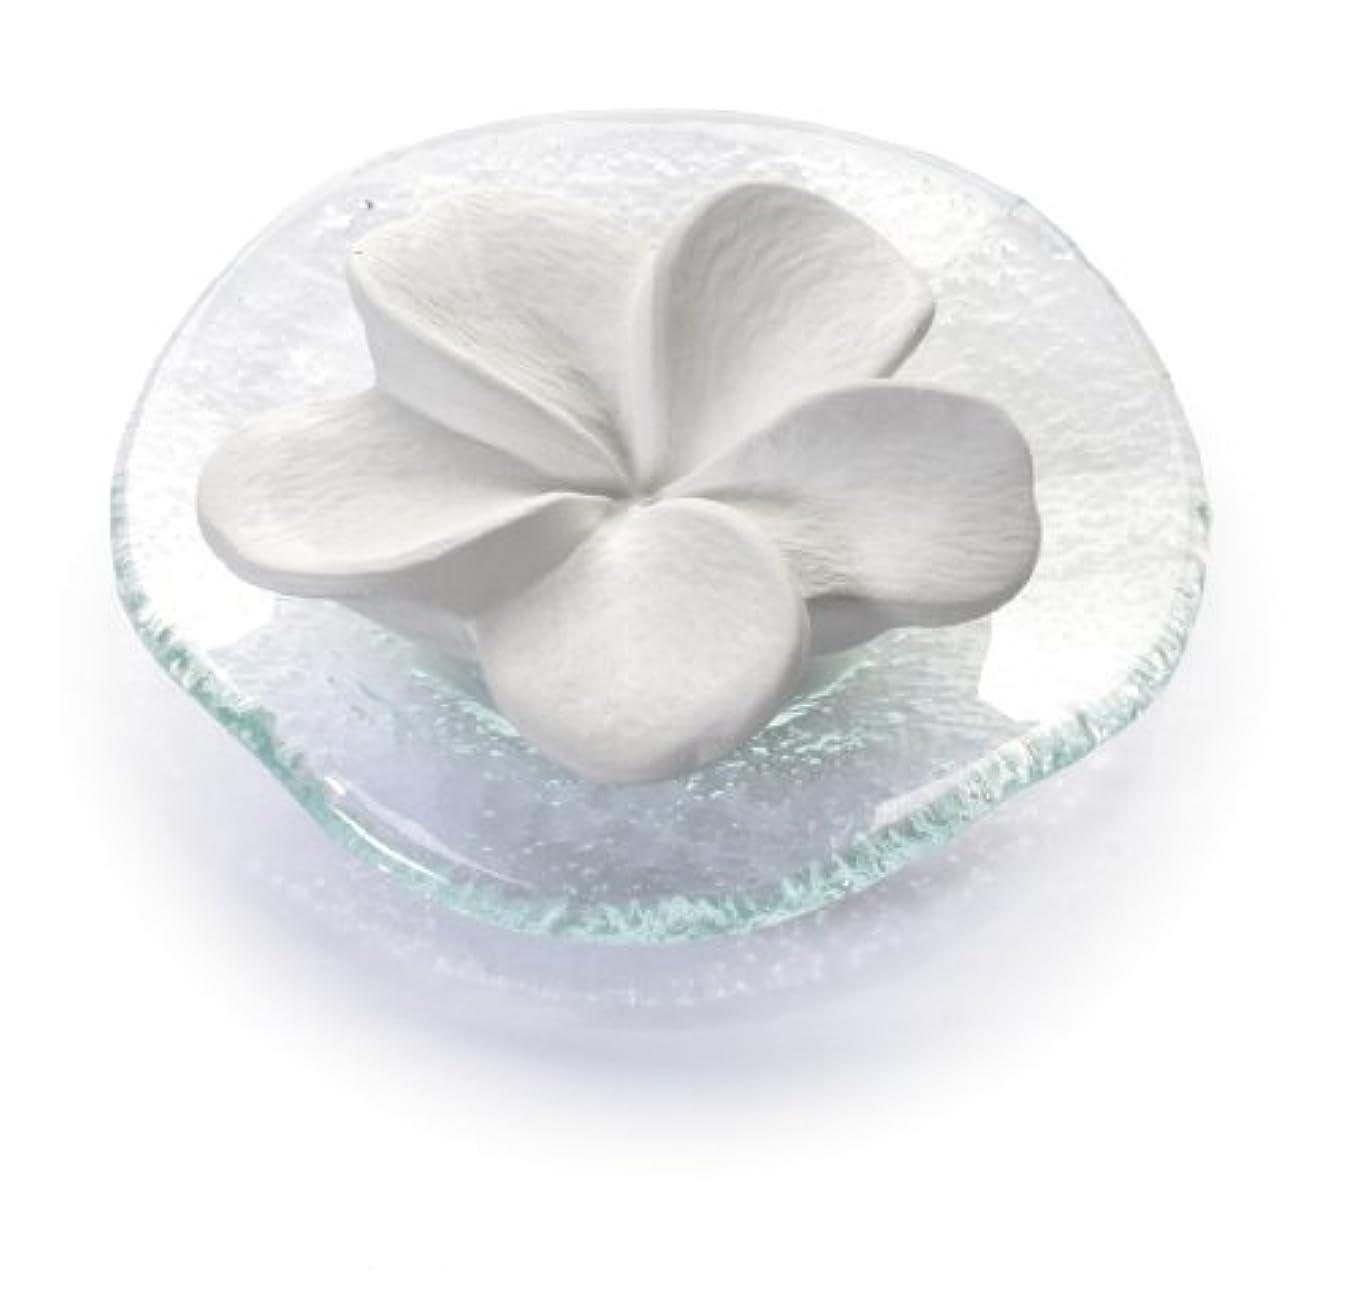 ルアーヨーロッパ管理者ポマンダー フランジュパニ(ガラズ皿つき)プリマヴェーラ(プリマベラ)「天の香り」